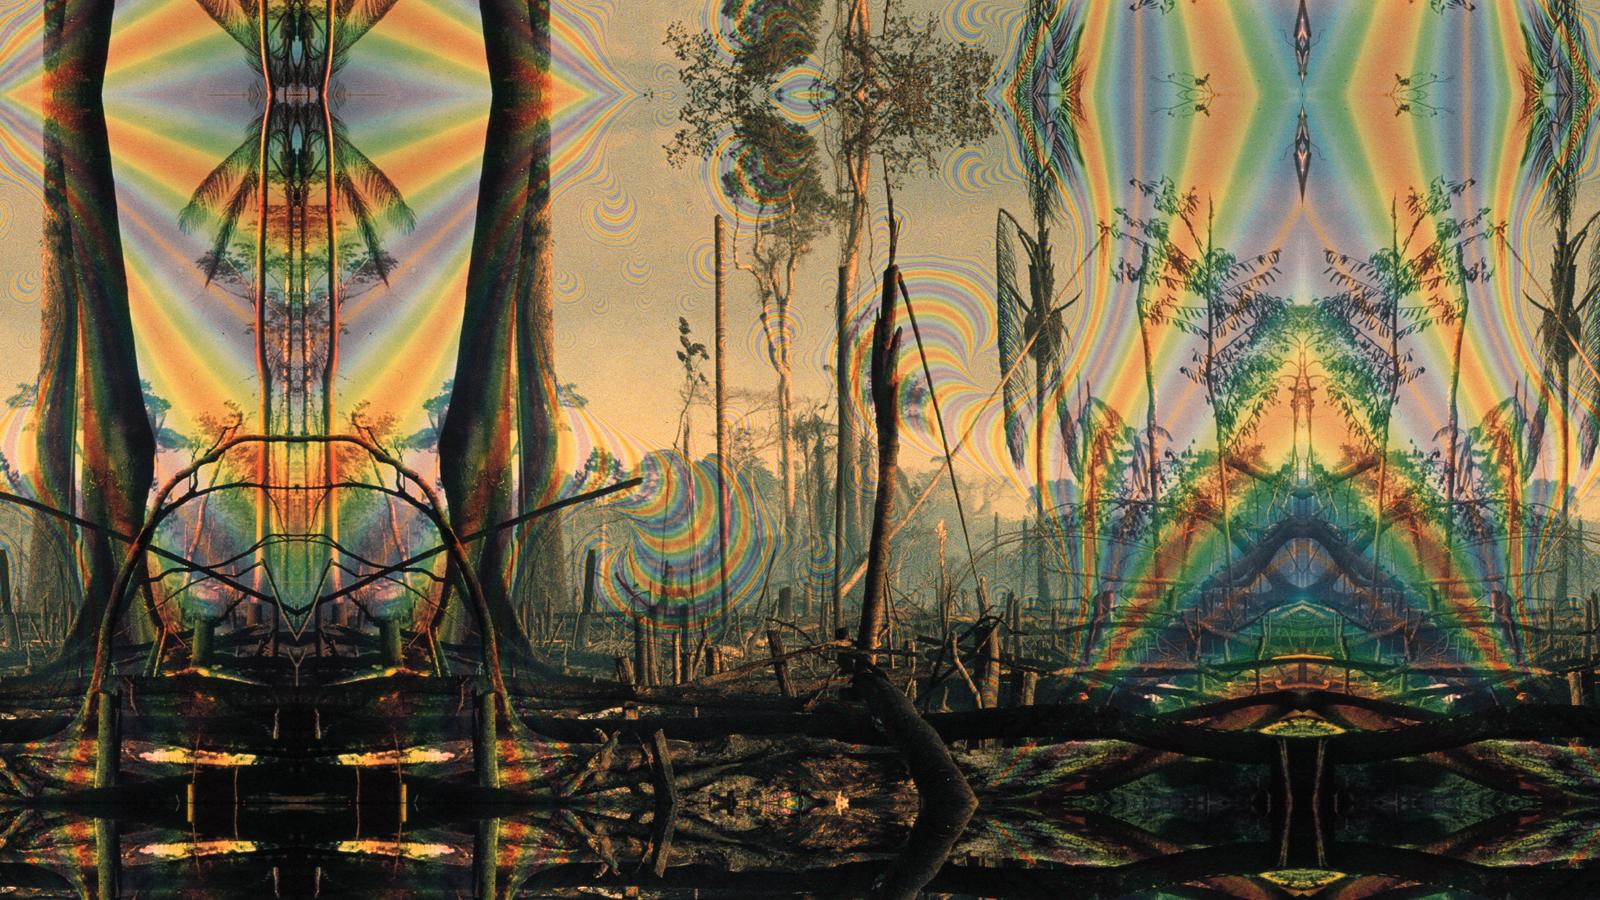 75 Trippy Landscape Wallpaper On Wallpapersafari